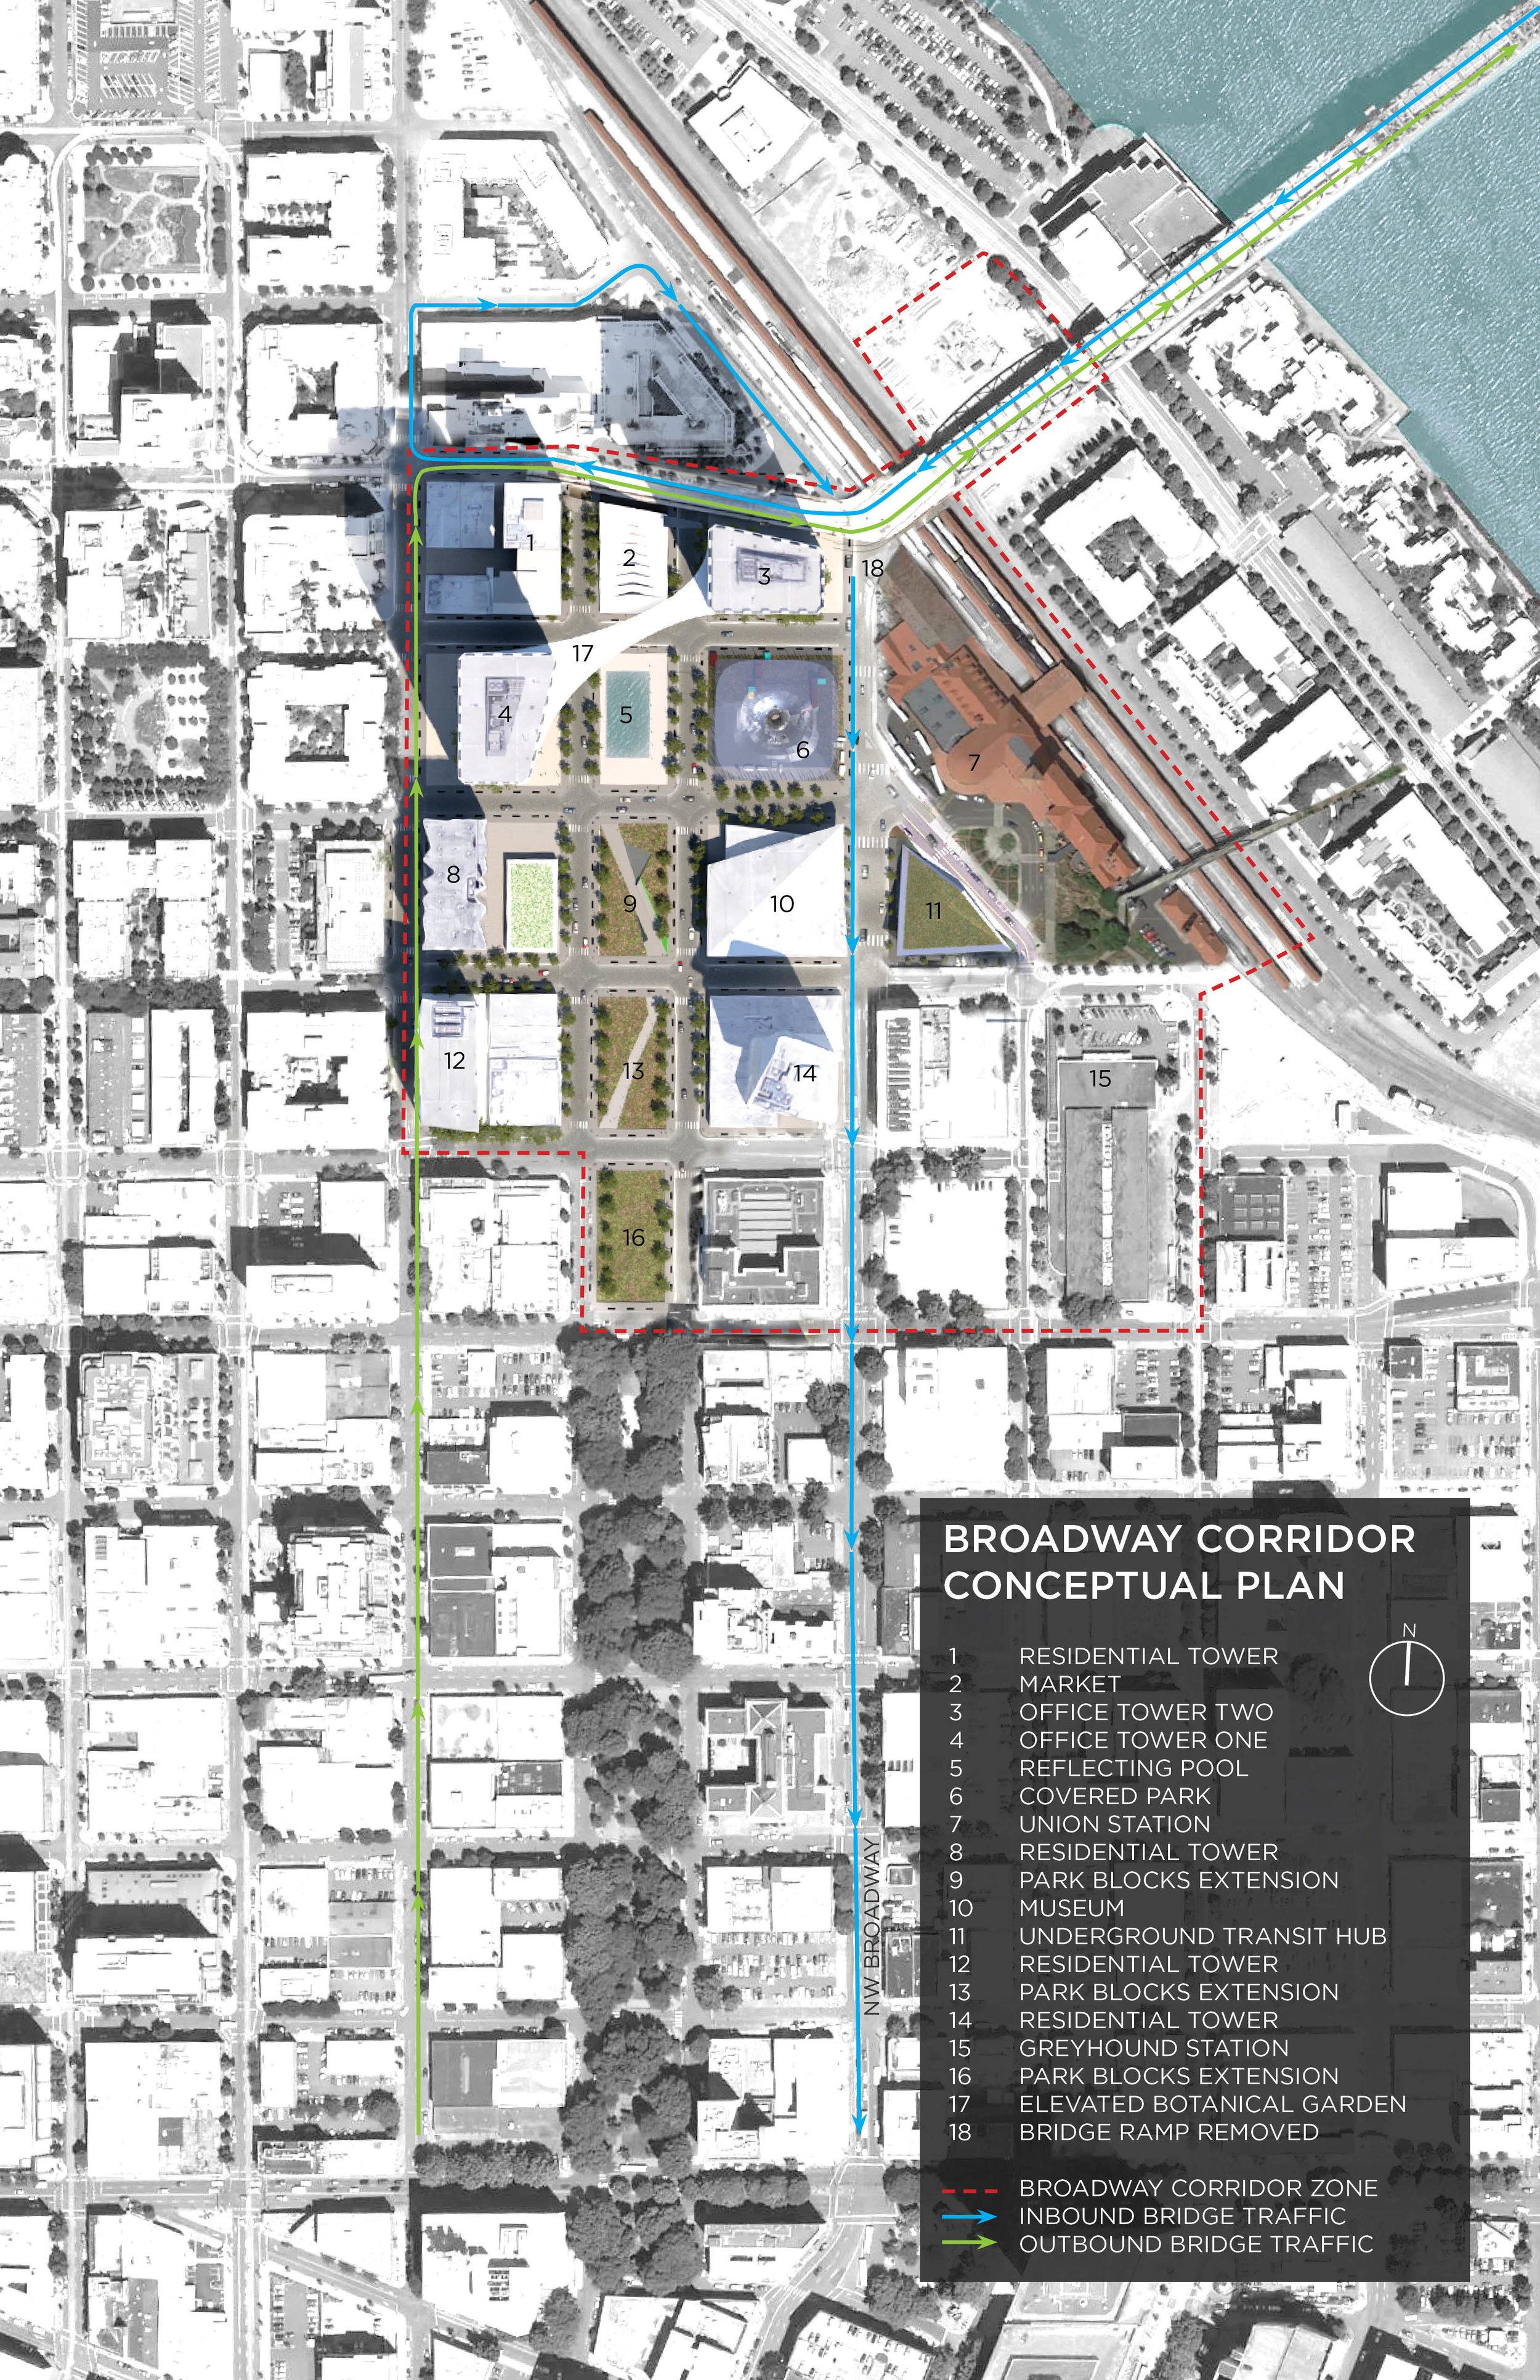 Broadway Corridor Images.jpg